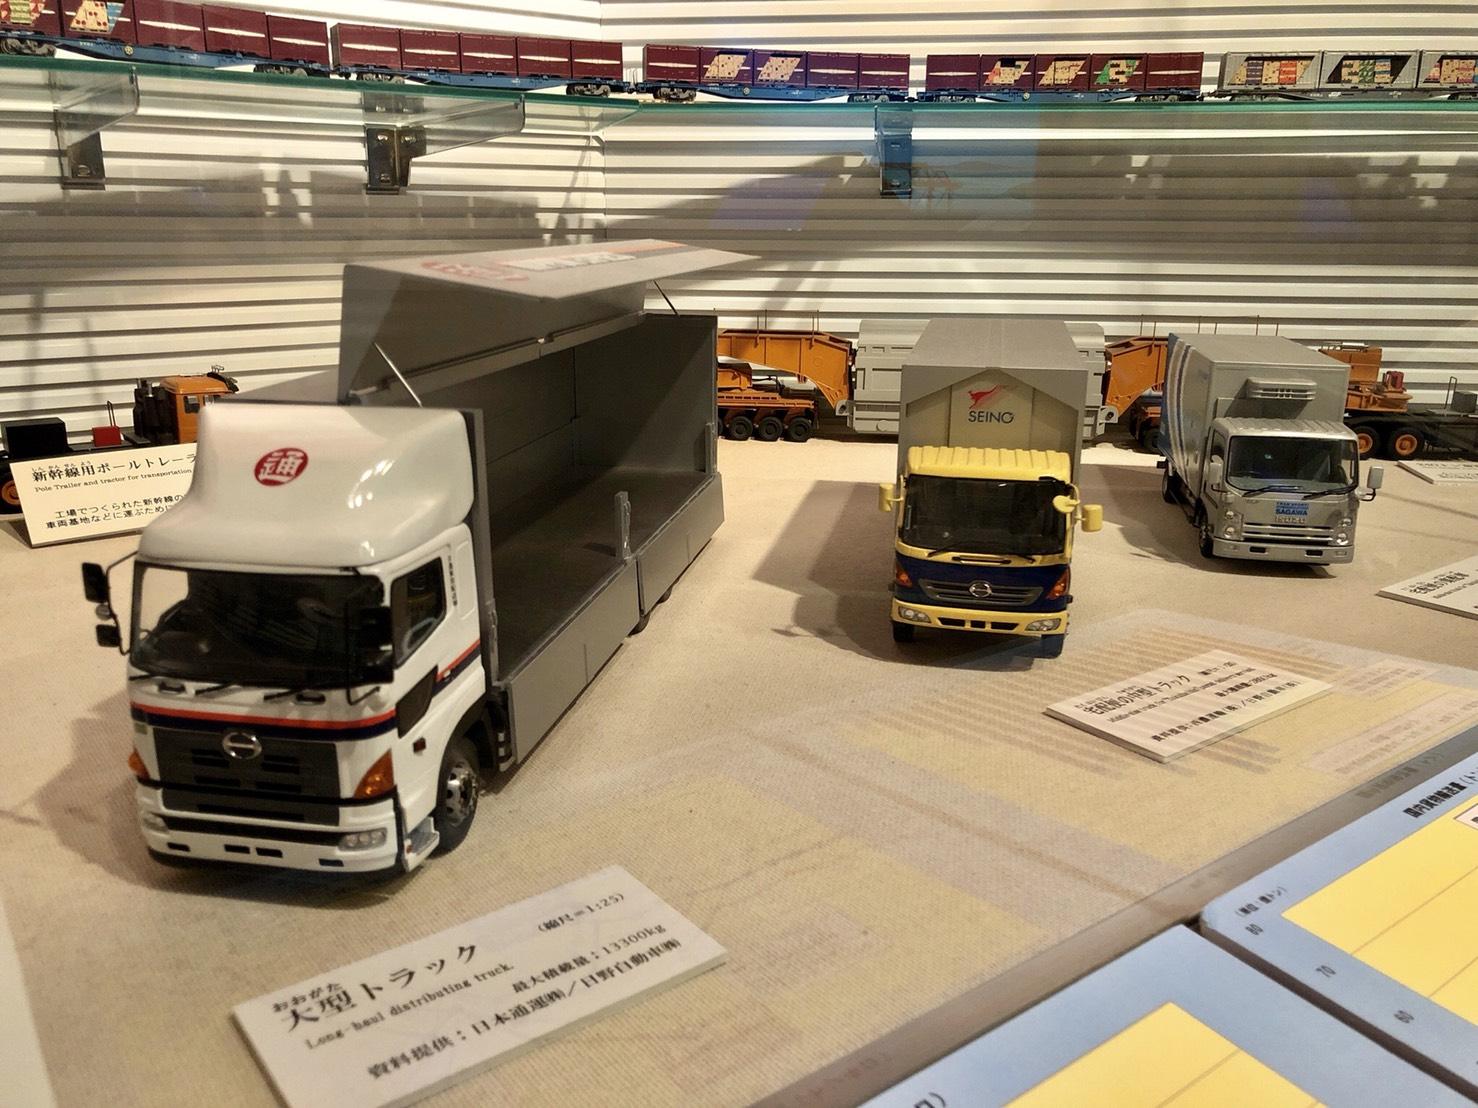 ミニチュア模型のトラック